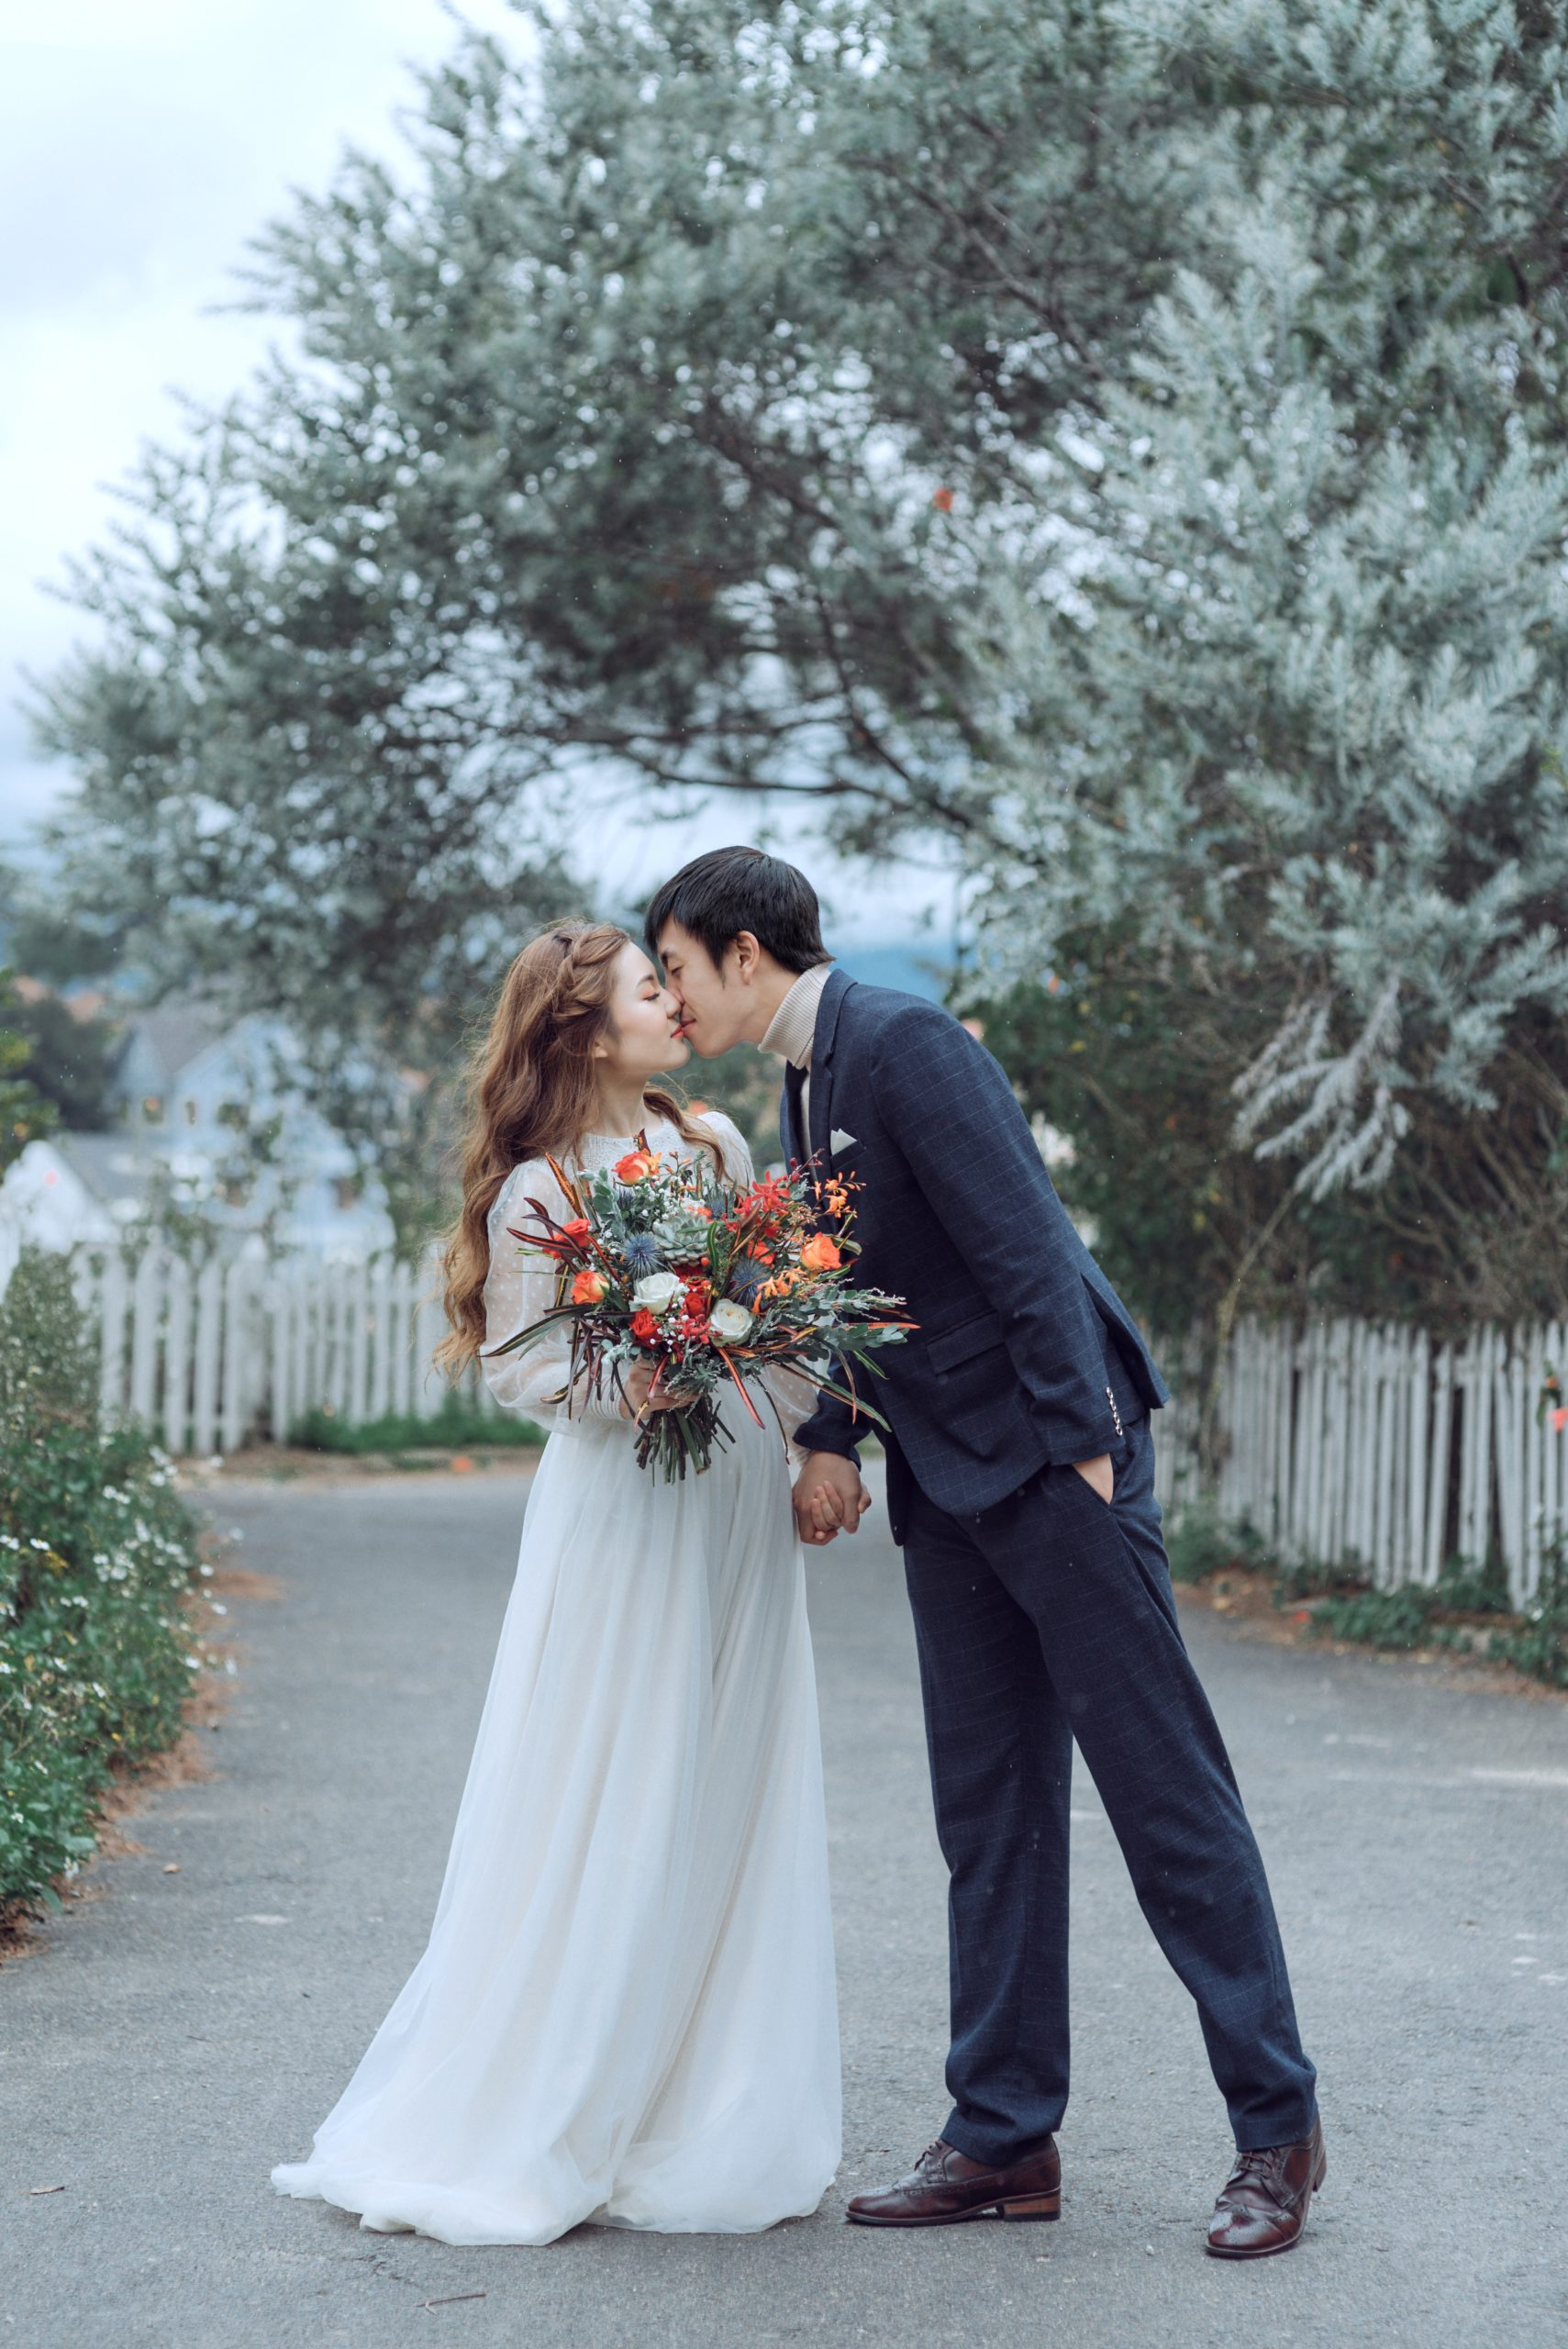 Para Młoda bierze ślub w zimę